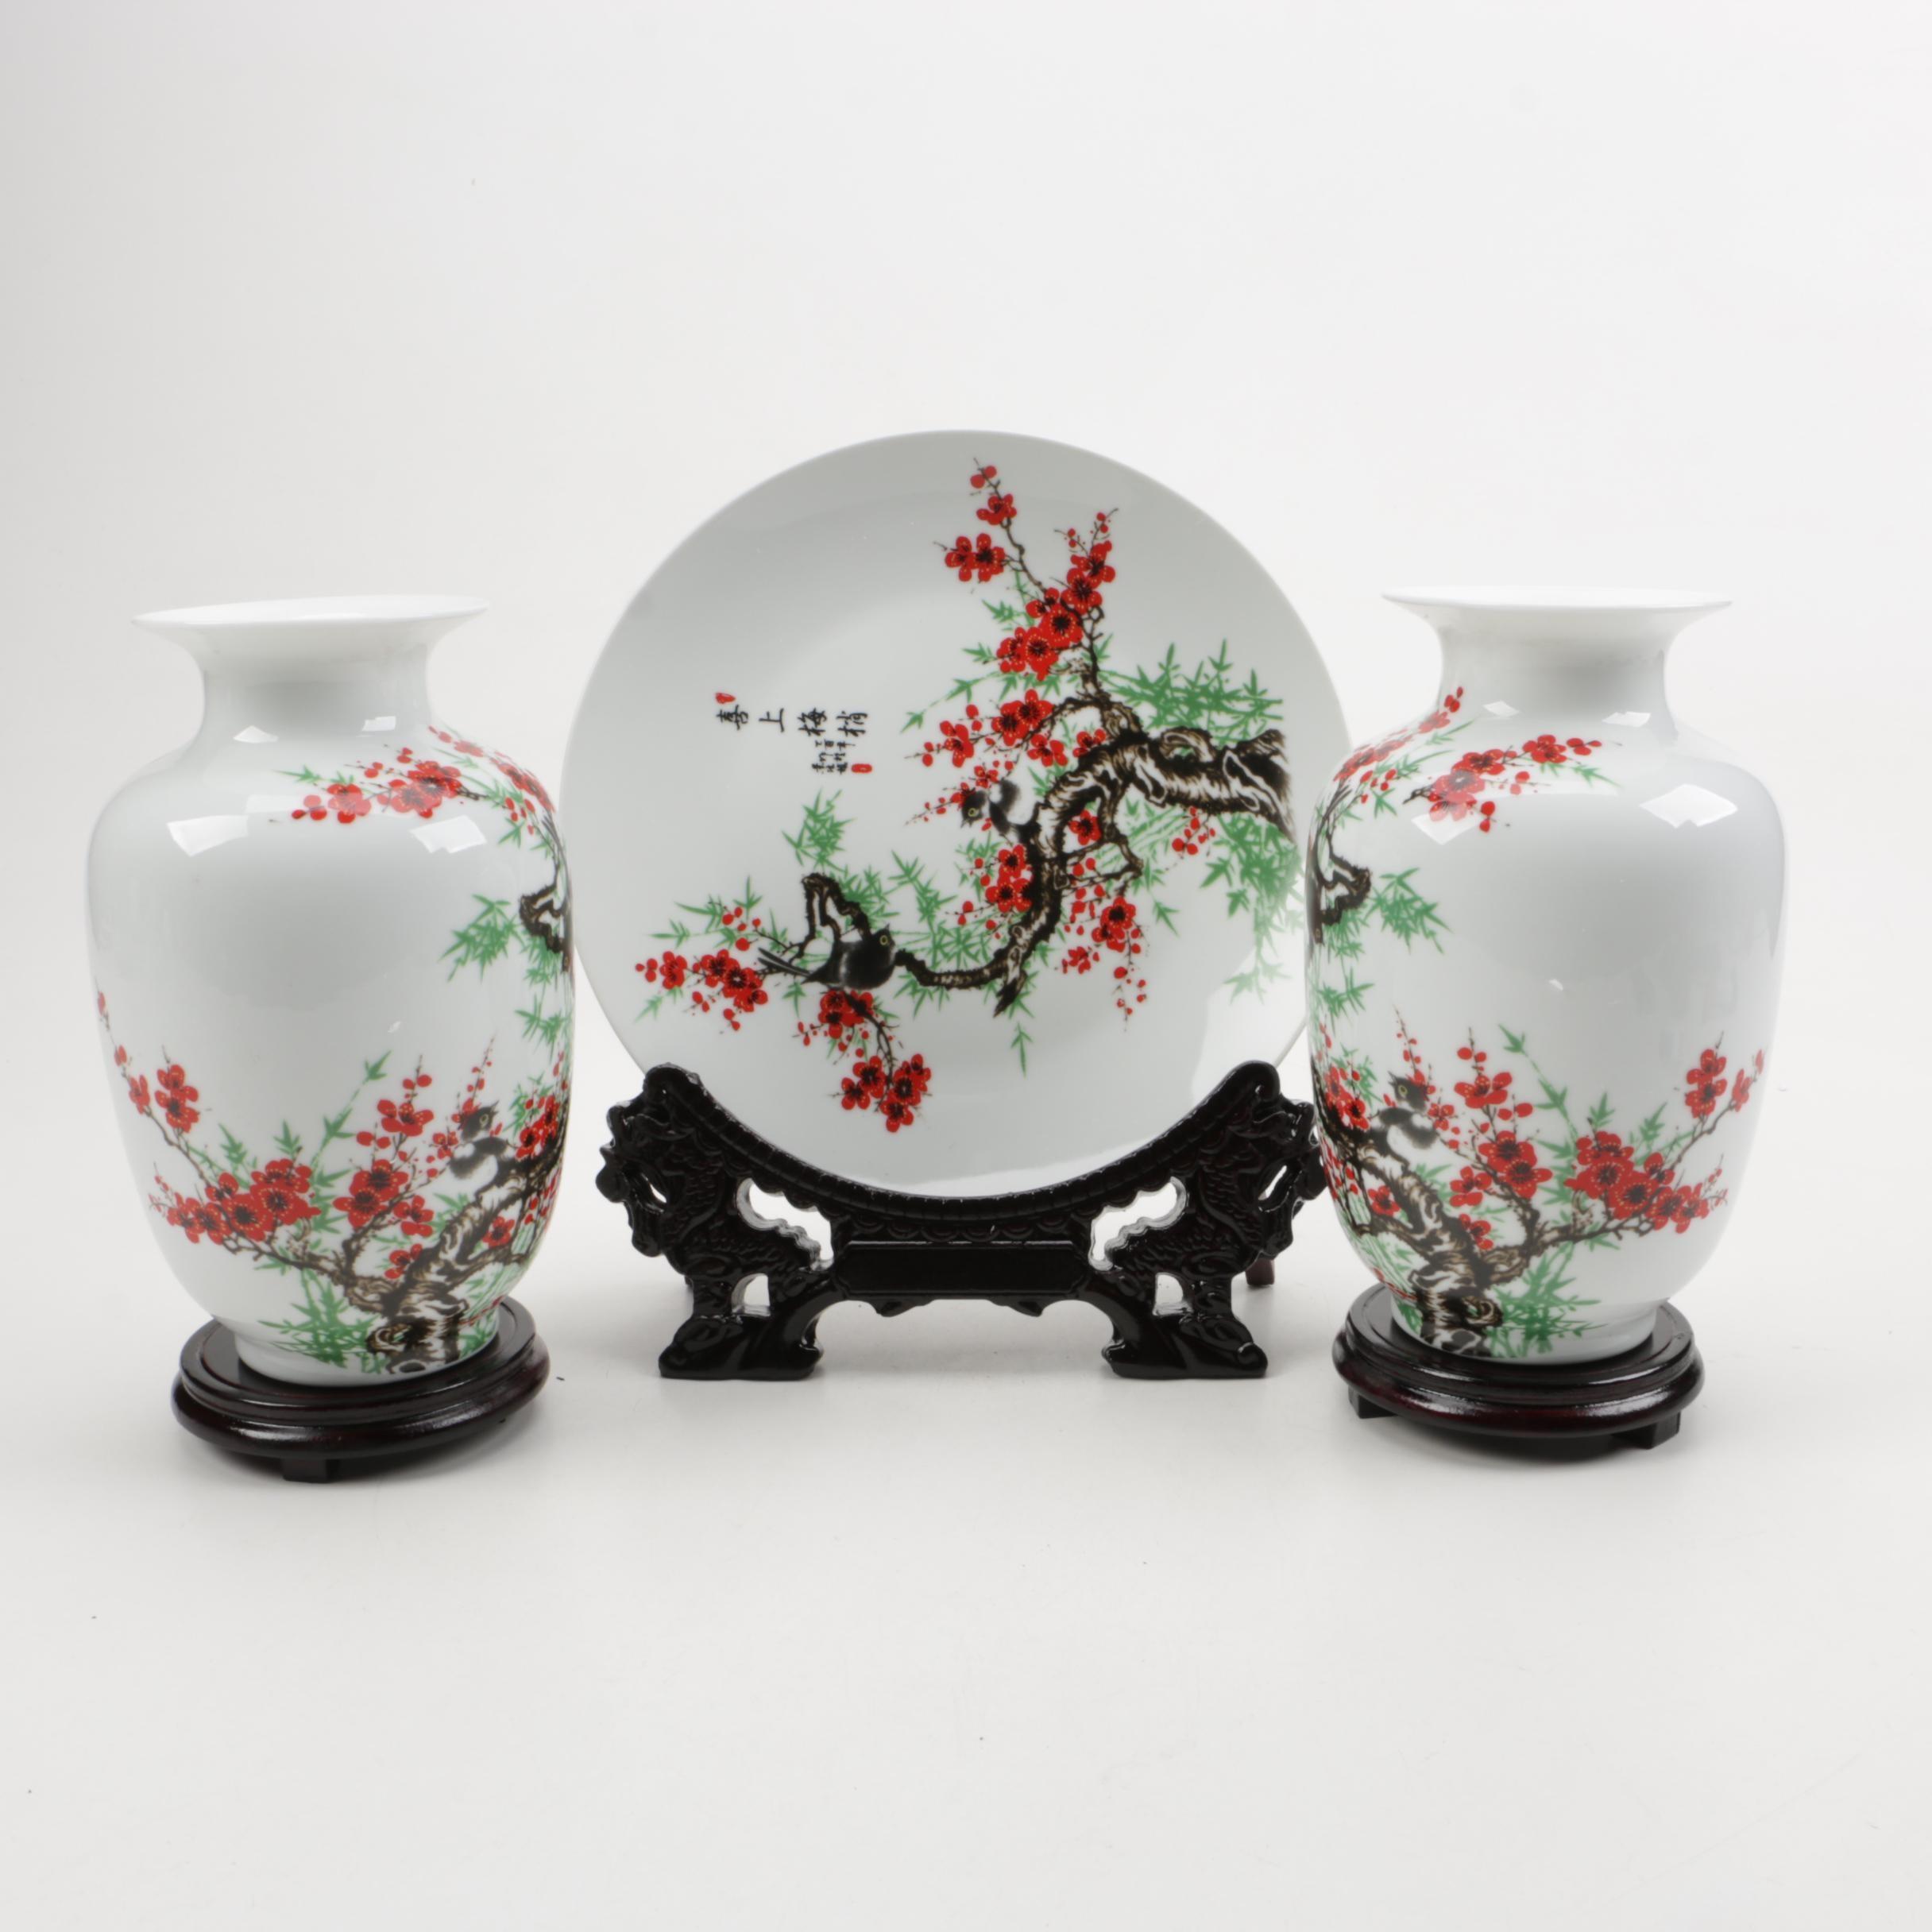 Chinese Ceramic Vases and Matching Dish